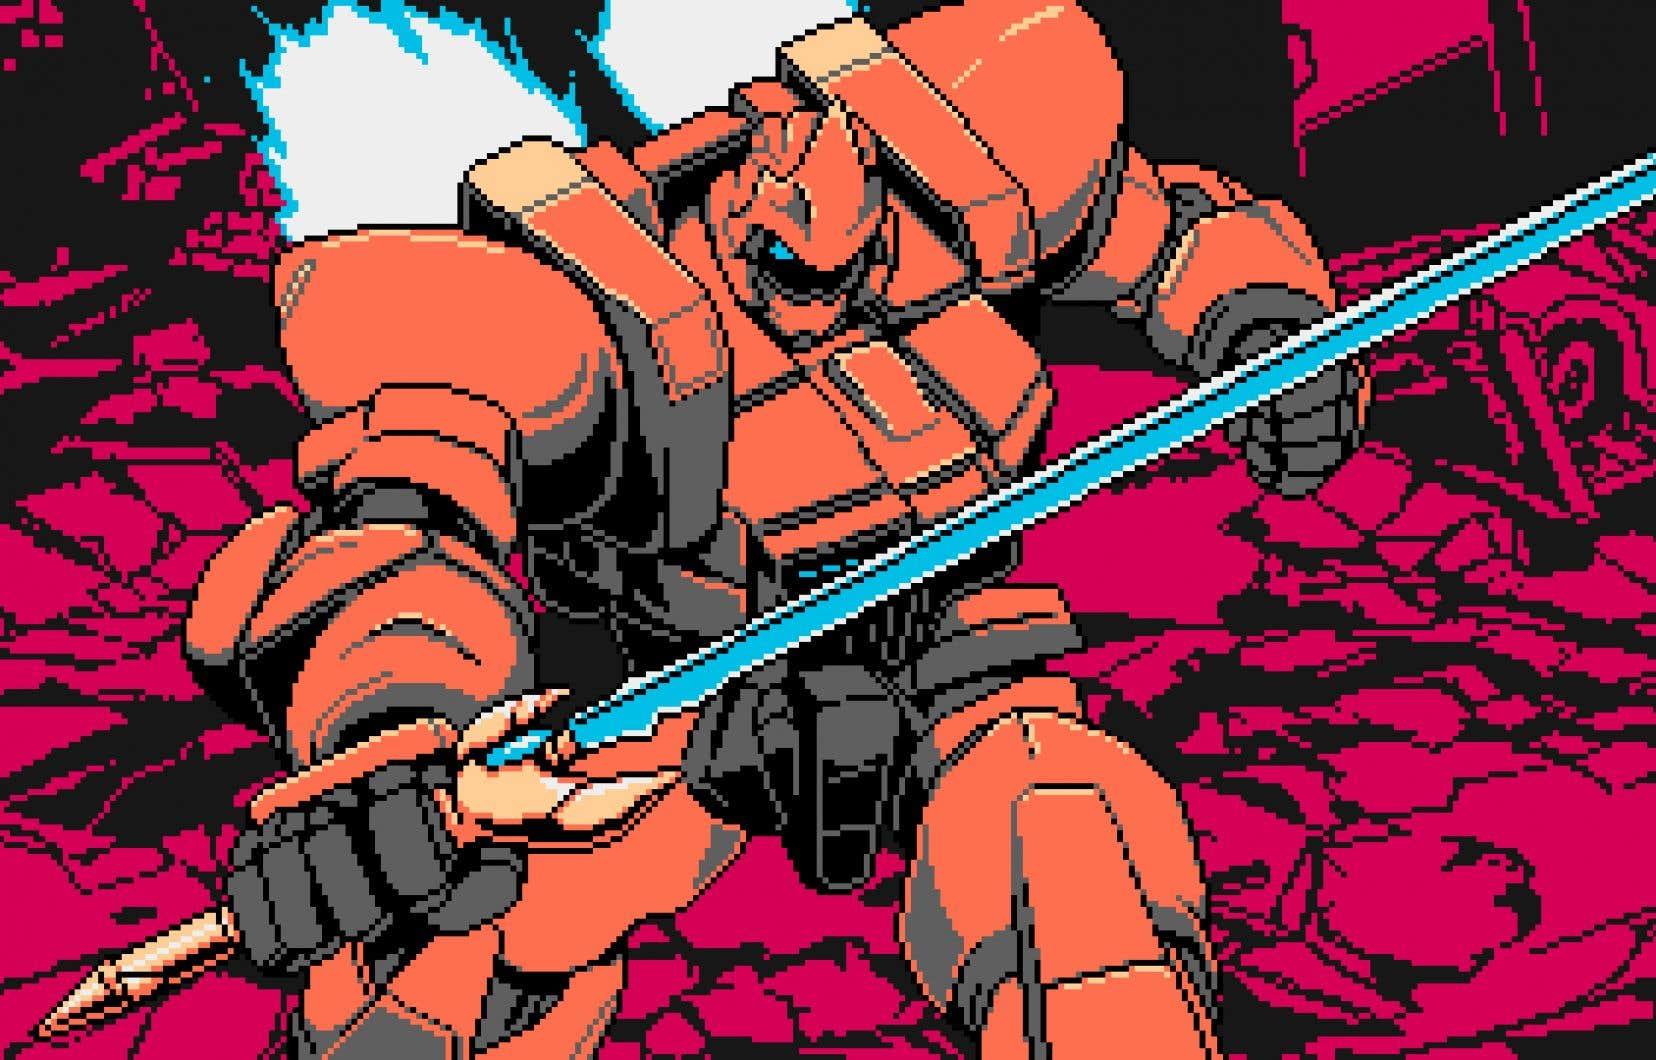 Le jeu est en deux dimensions avec vue de côté et partage l'esthétique des jeux de l'ère Nintendo Entertainment System.